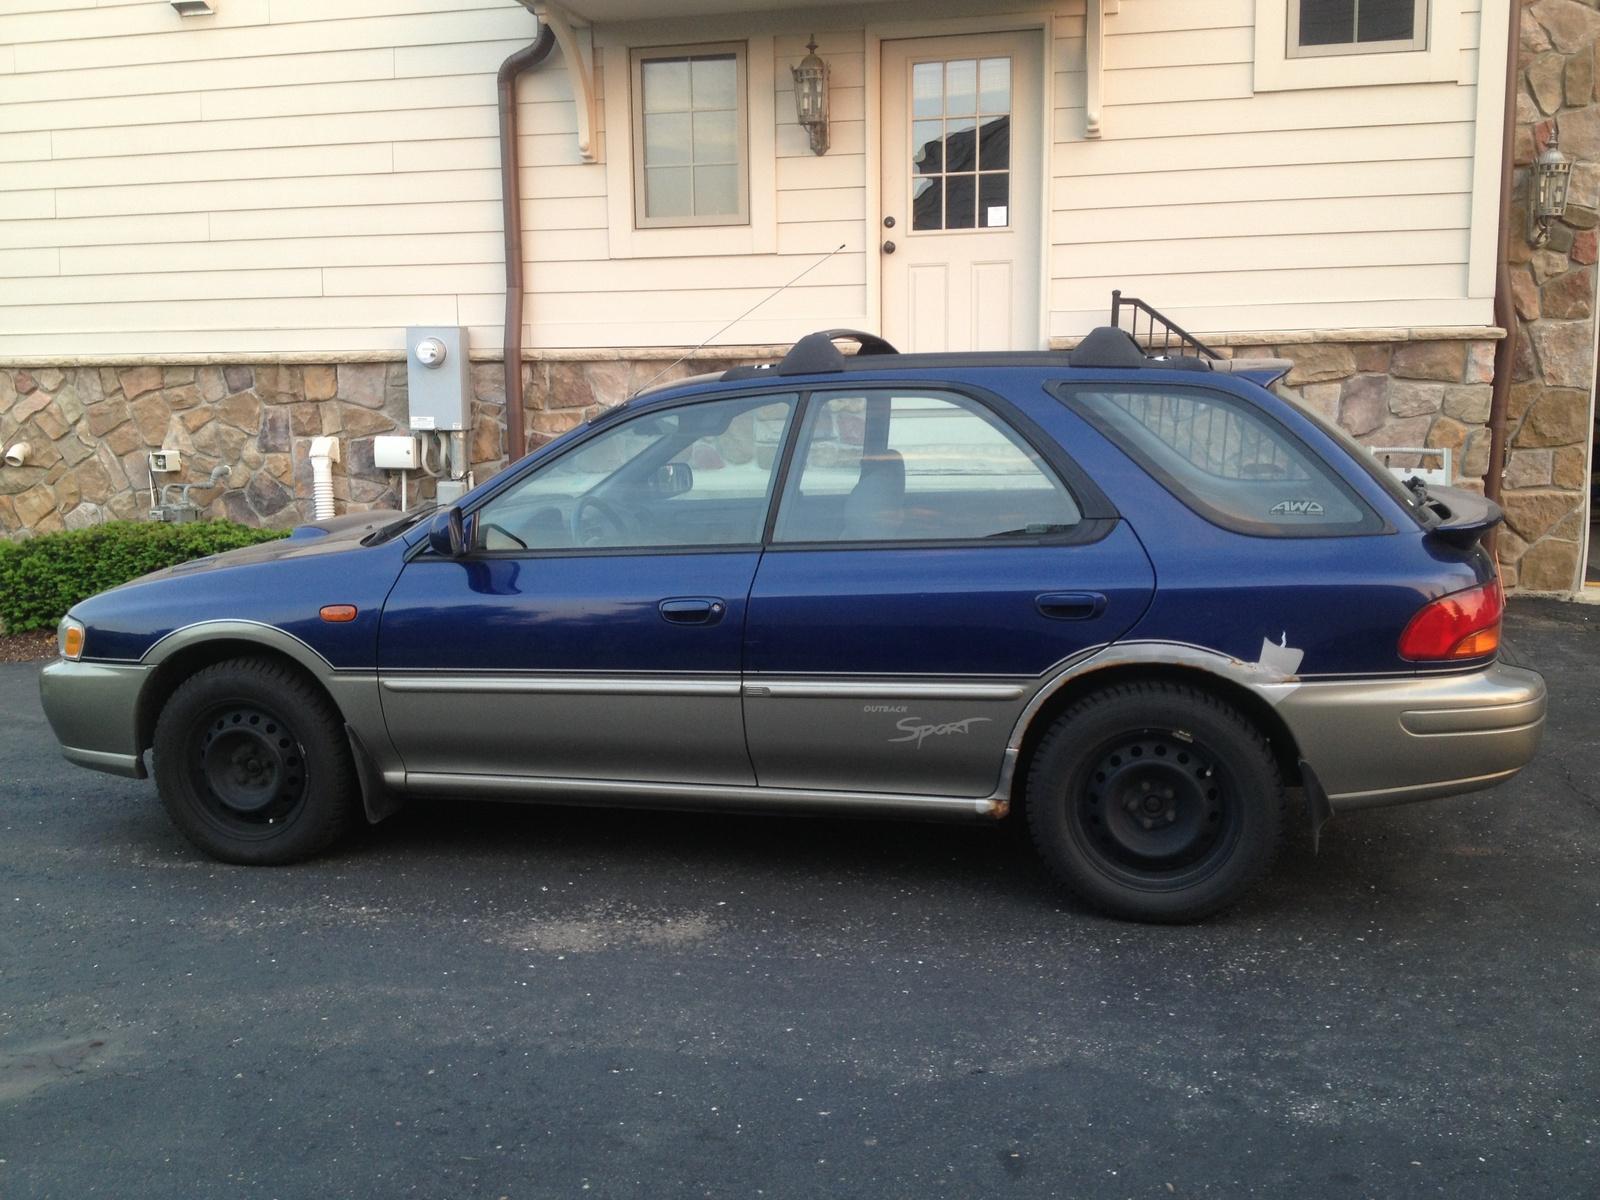 2000 Subaru Impreza Pictures Cargurus